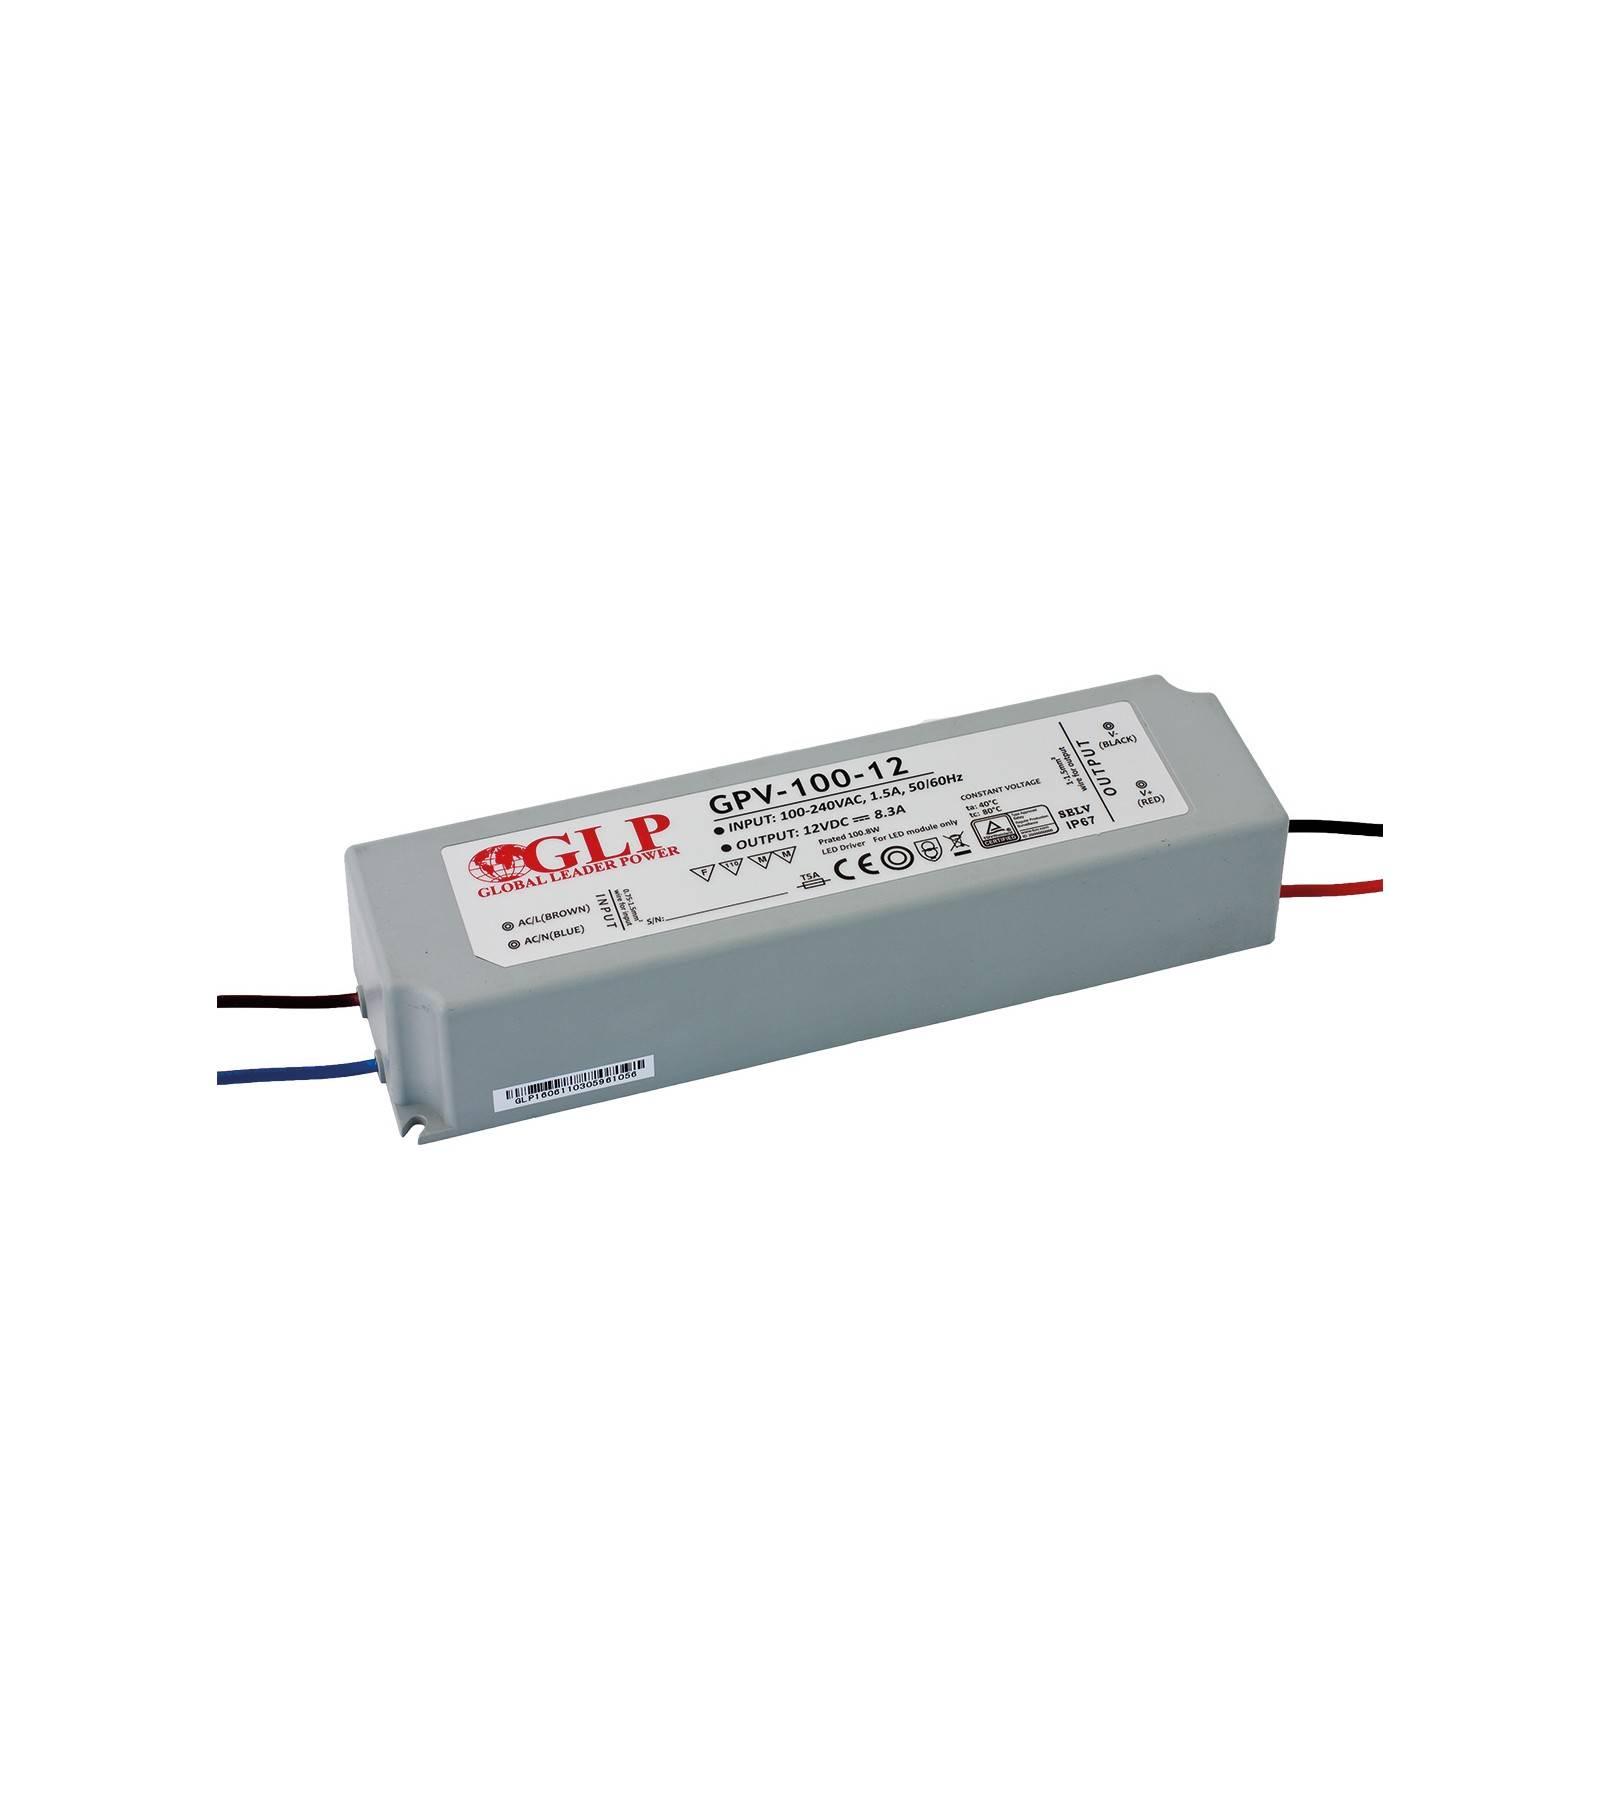 GLP Transformateur spécial Led 12V de 100W GPV-100-12 GLP - GLP-GPV-100-12